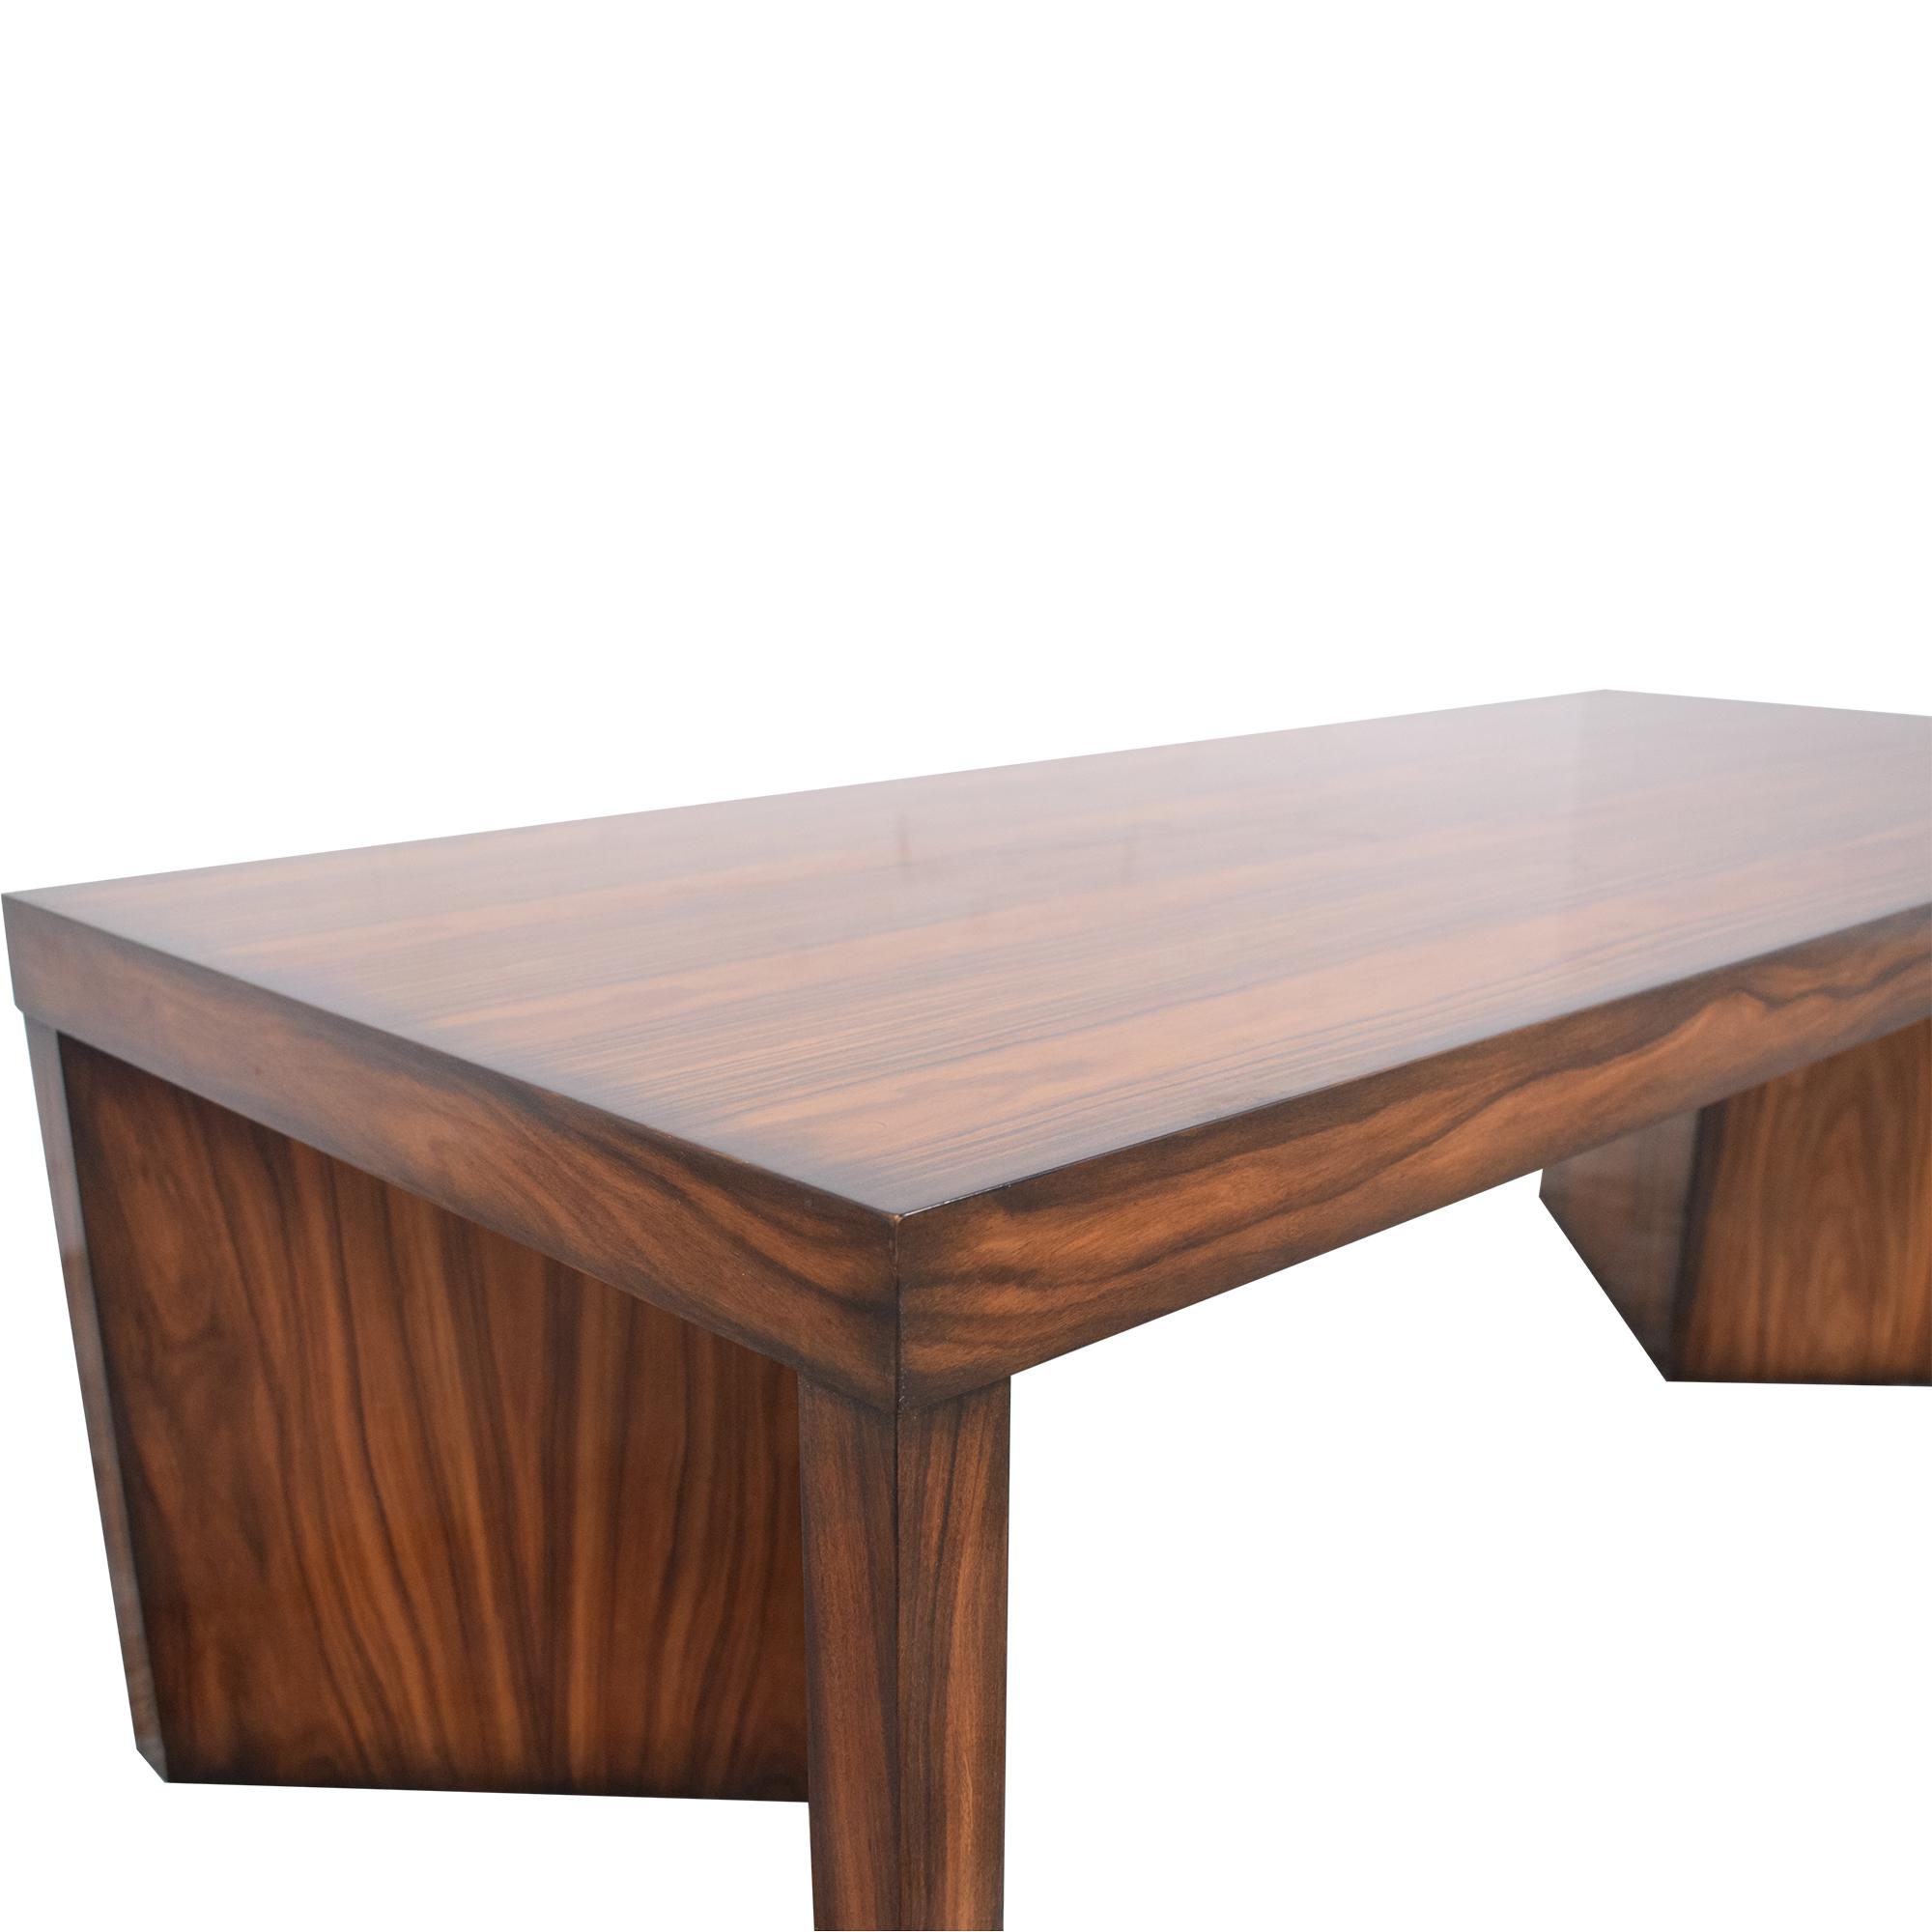 Kindel Kindel Rosewood Coffee Table brown